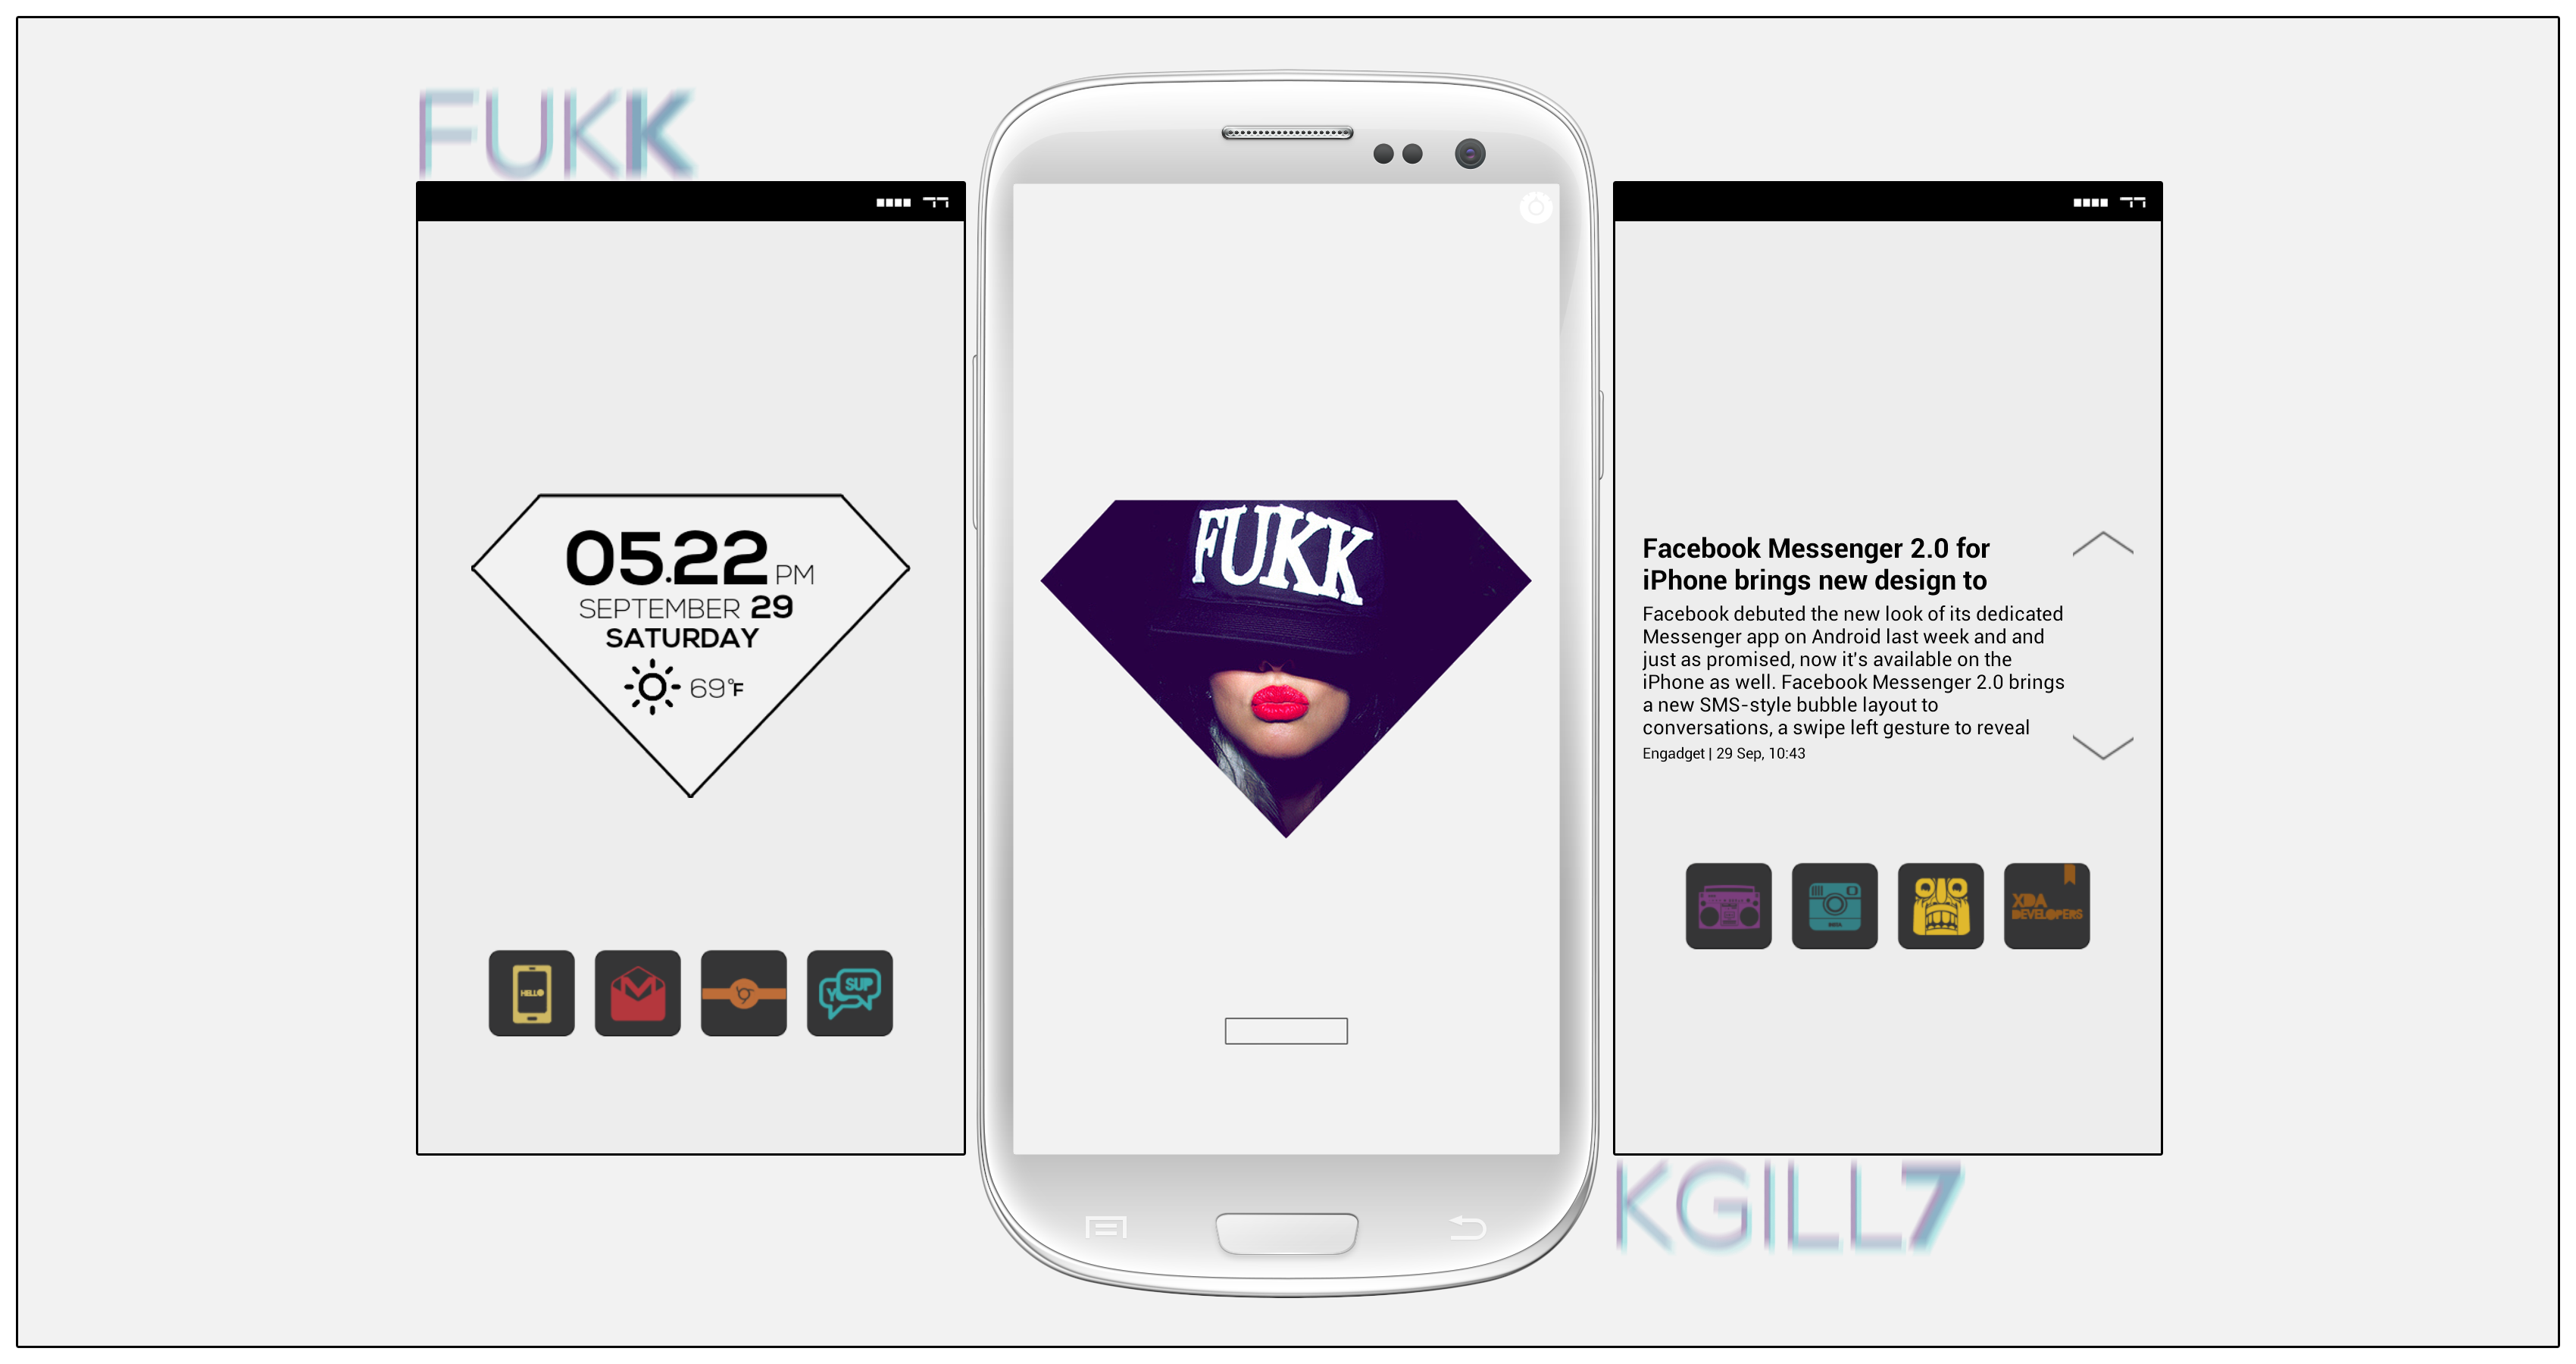 FUKK. by kgill77